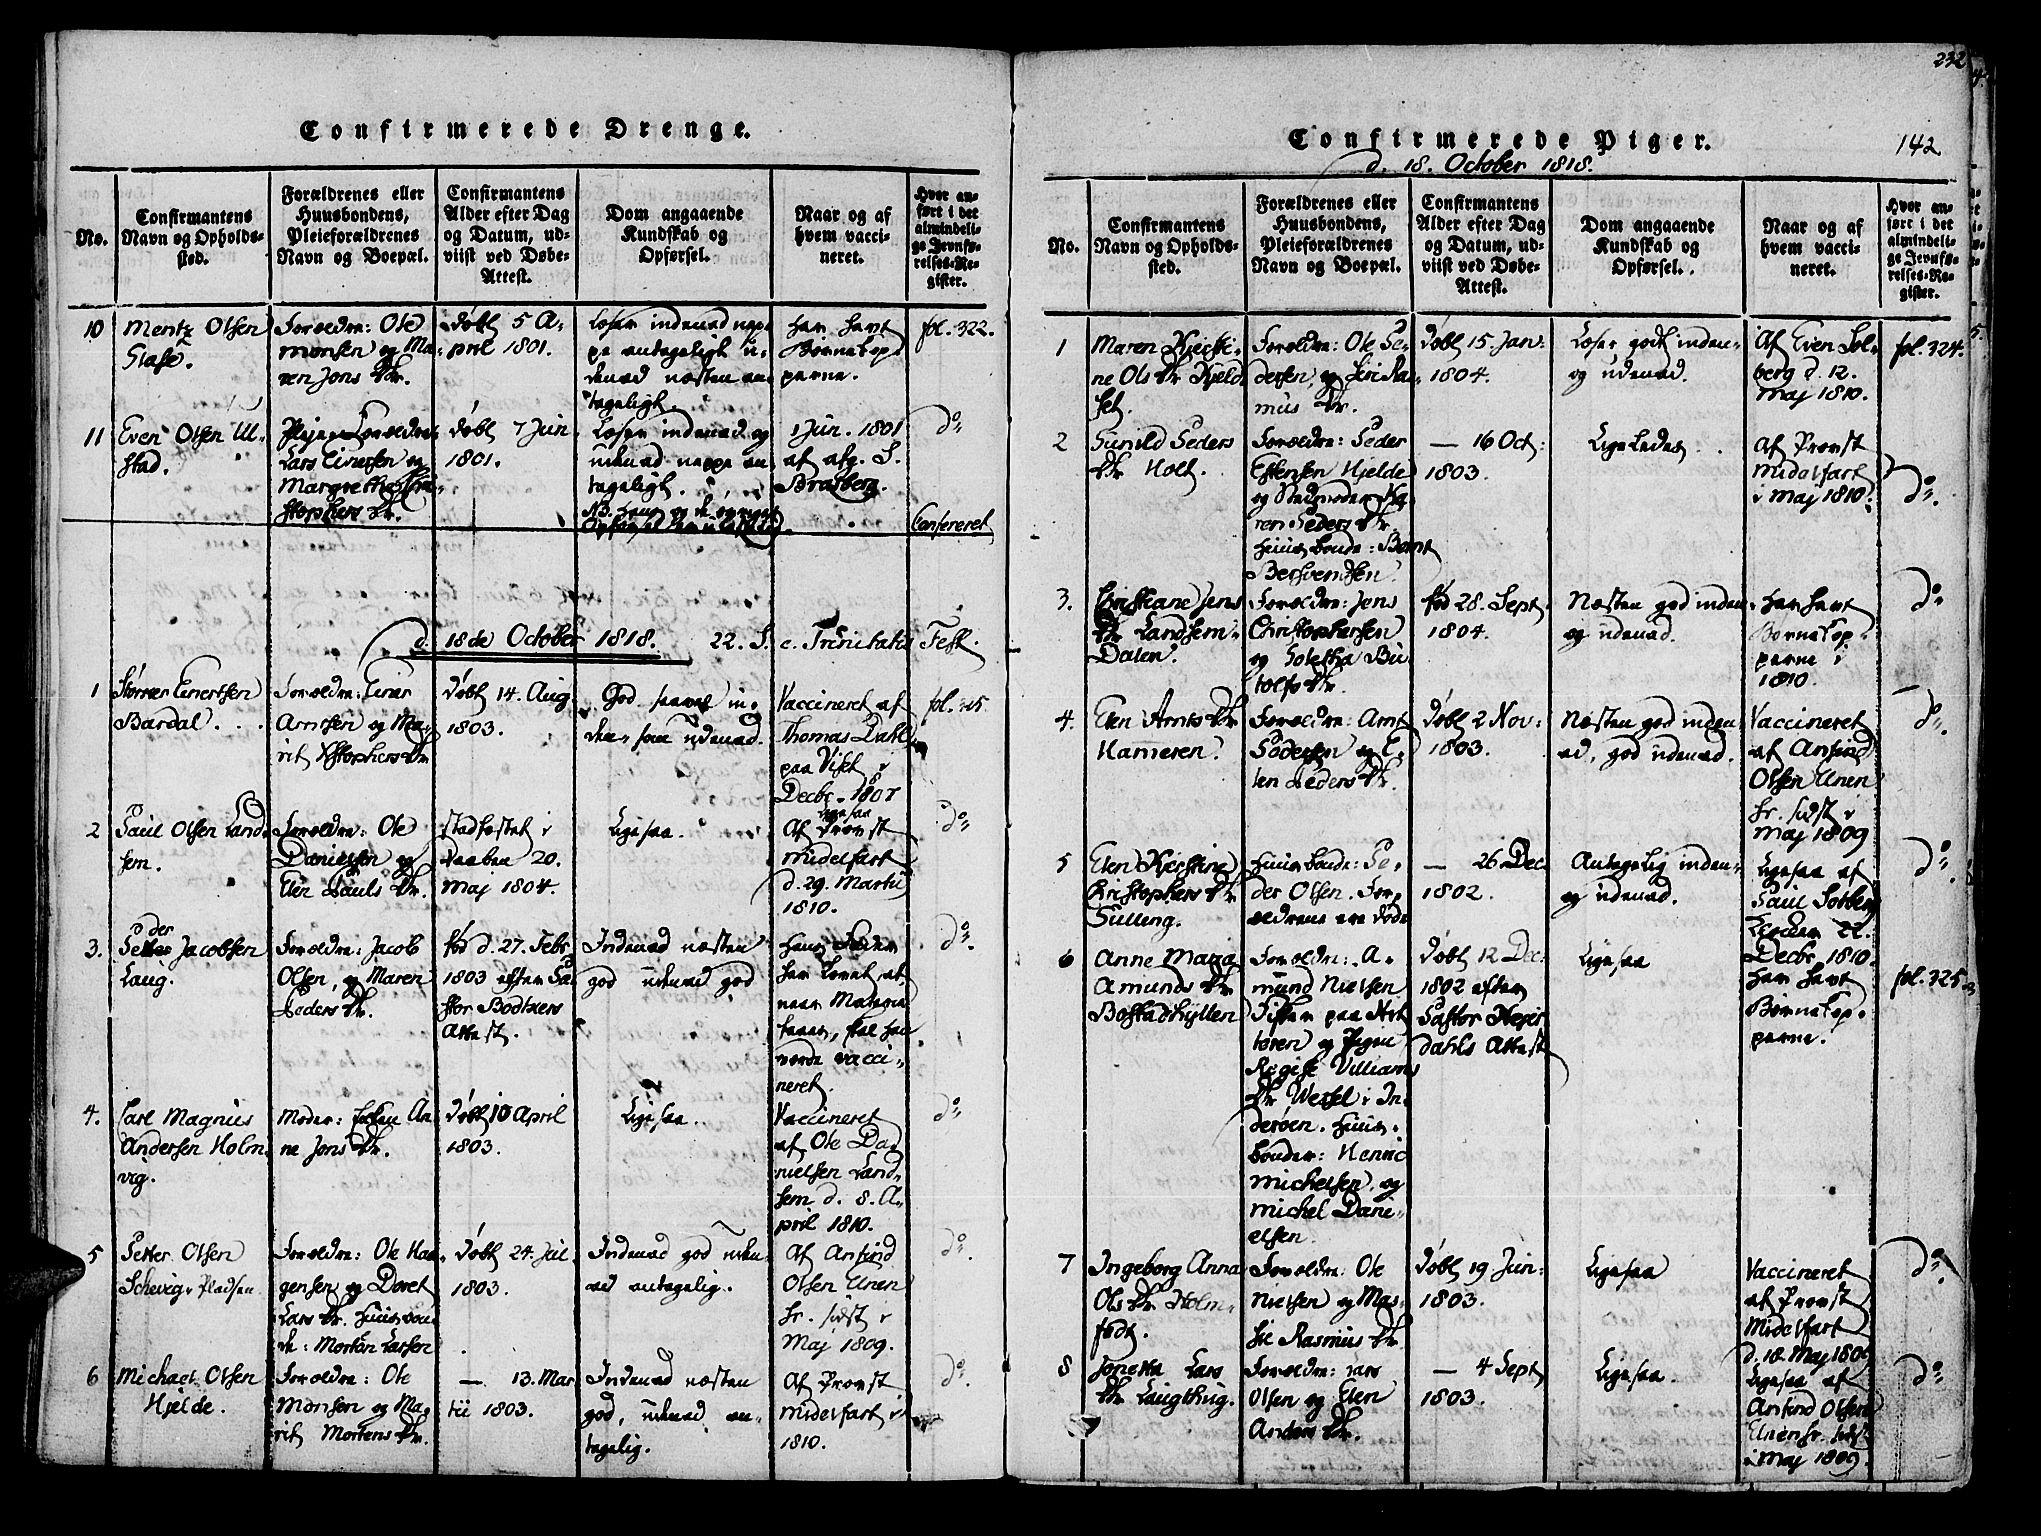 SAT, Ministerialprotokoller, klokkerbøker og fødselsregistre - Nord-Trøndelag, 741/L0387: Ministerialbok nr. 741A03 /1, 1817-1822, s. 142